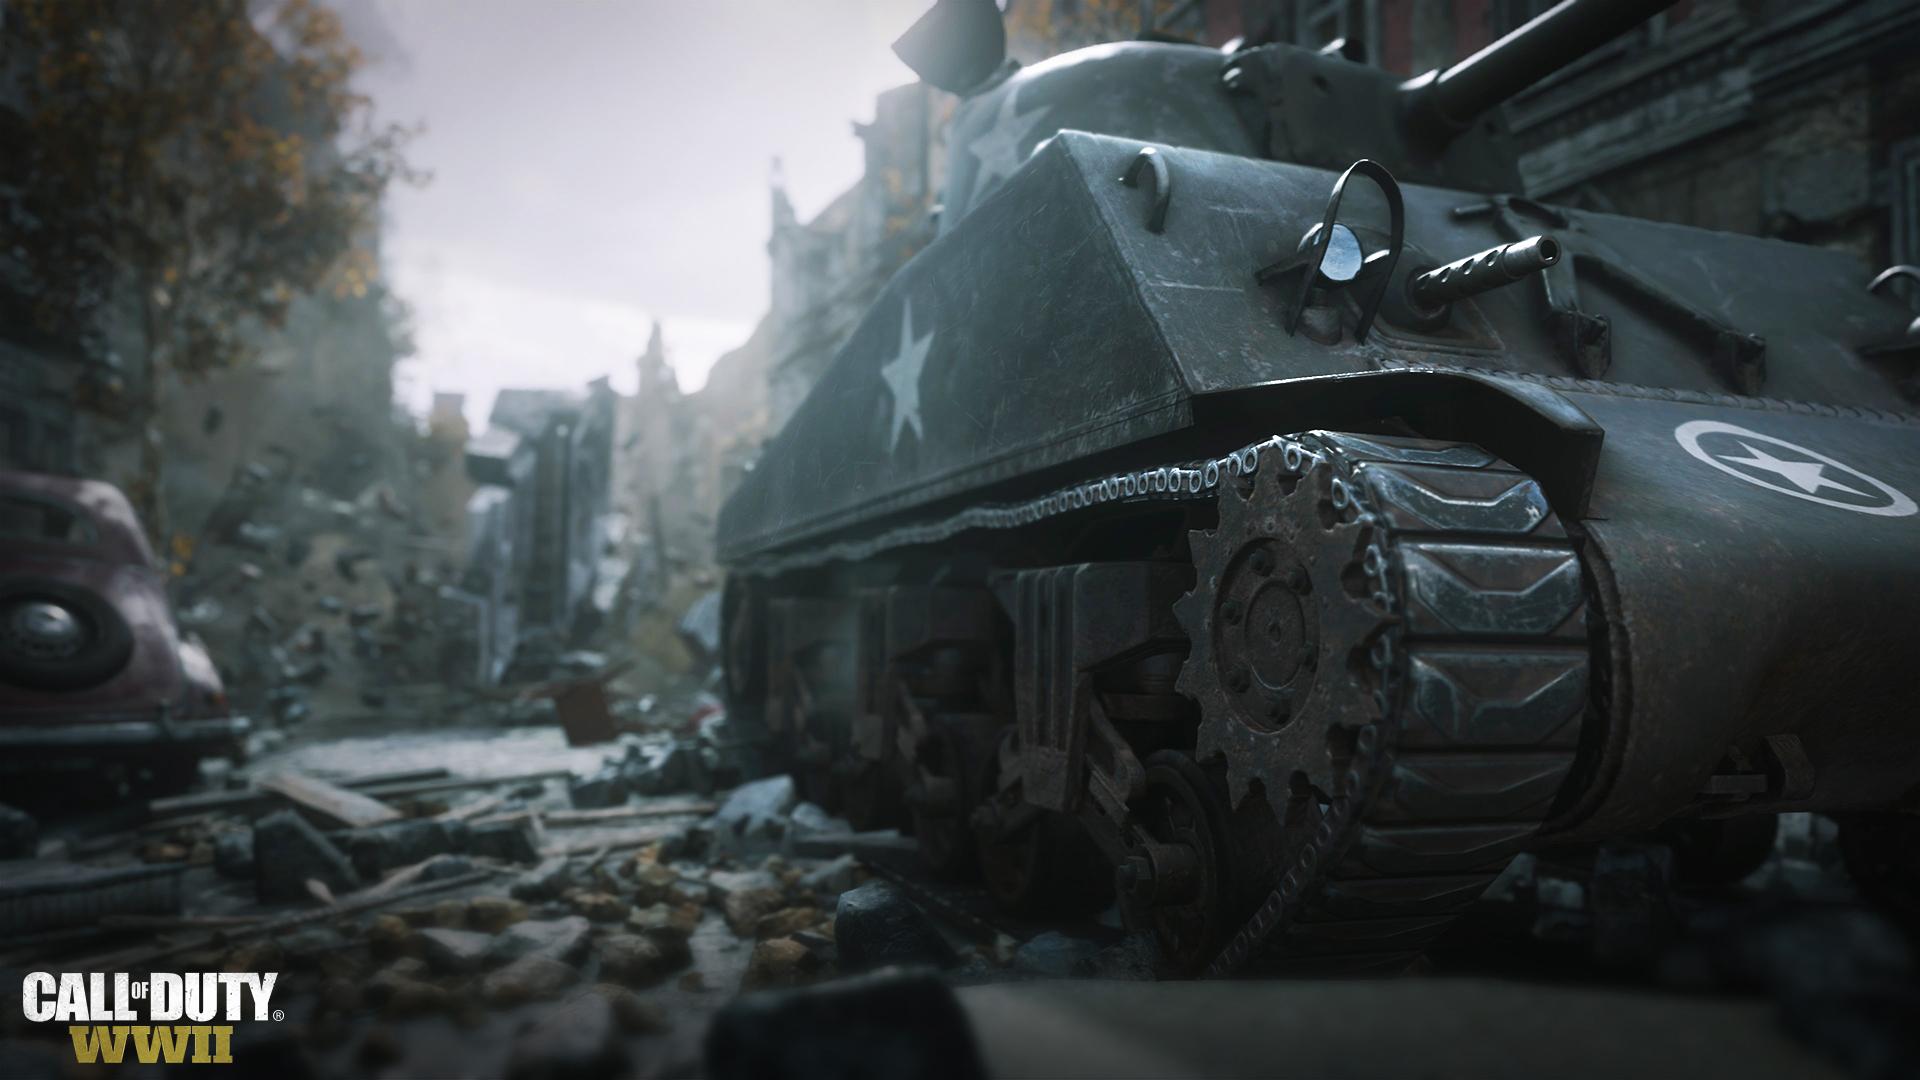 Tanková mise a zničitelné prostředí v Call of Duty: WWII 142900